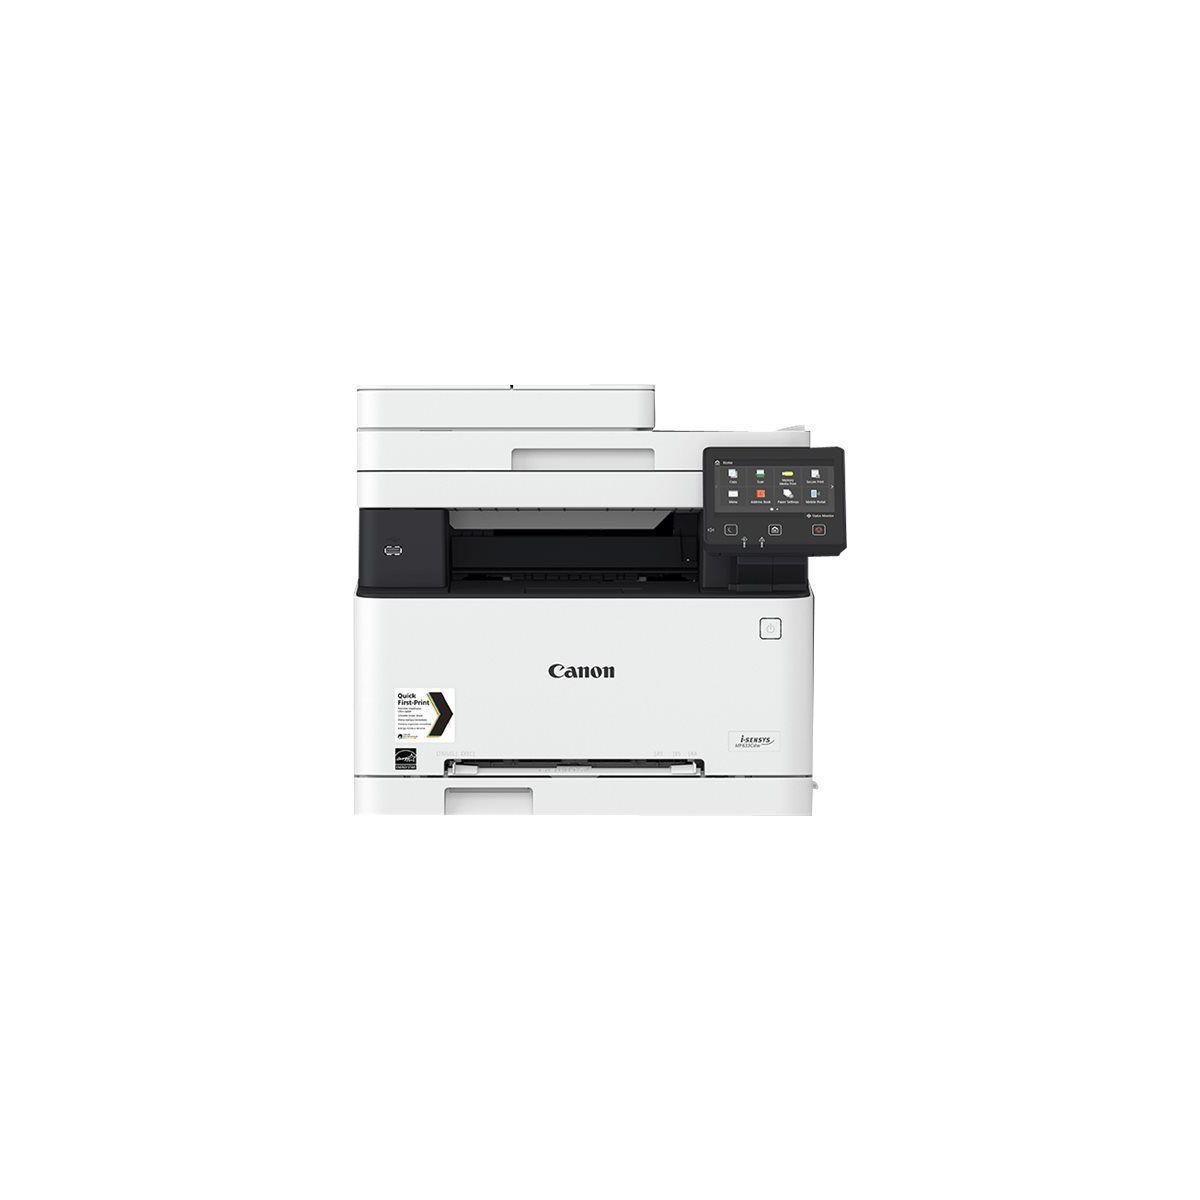 Imprimante canon i-sensys mf633cdw - 20% de remise imm�diate avec le code : paques20 (photo)